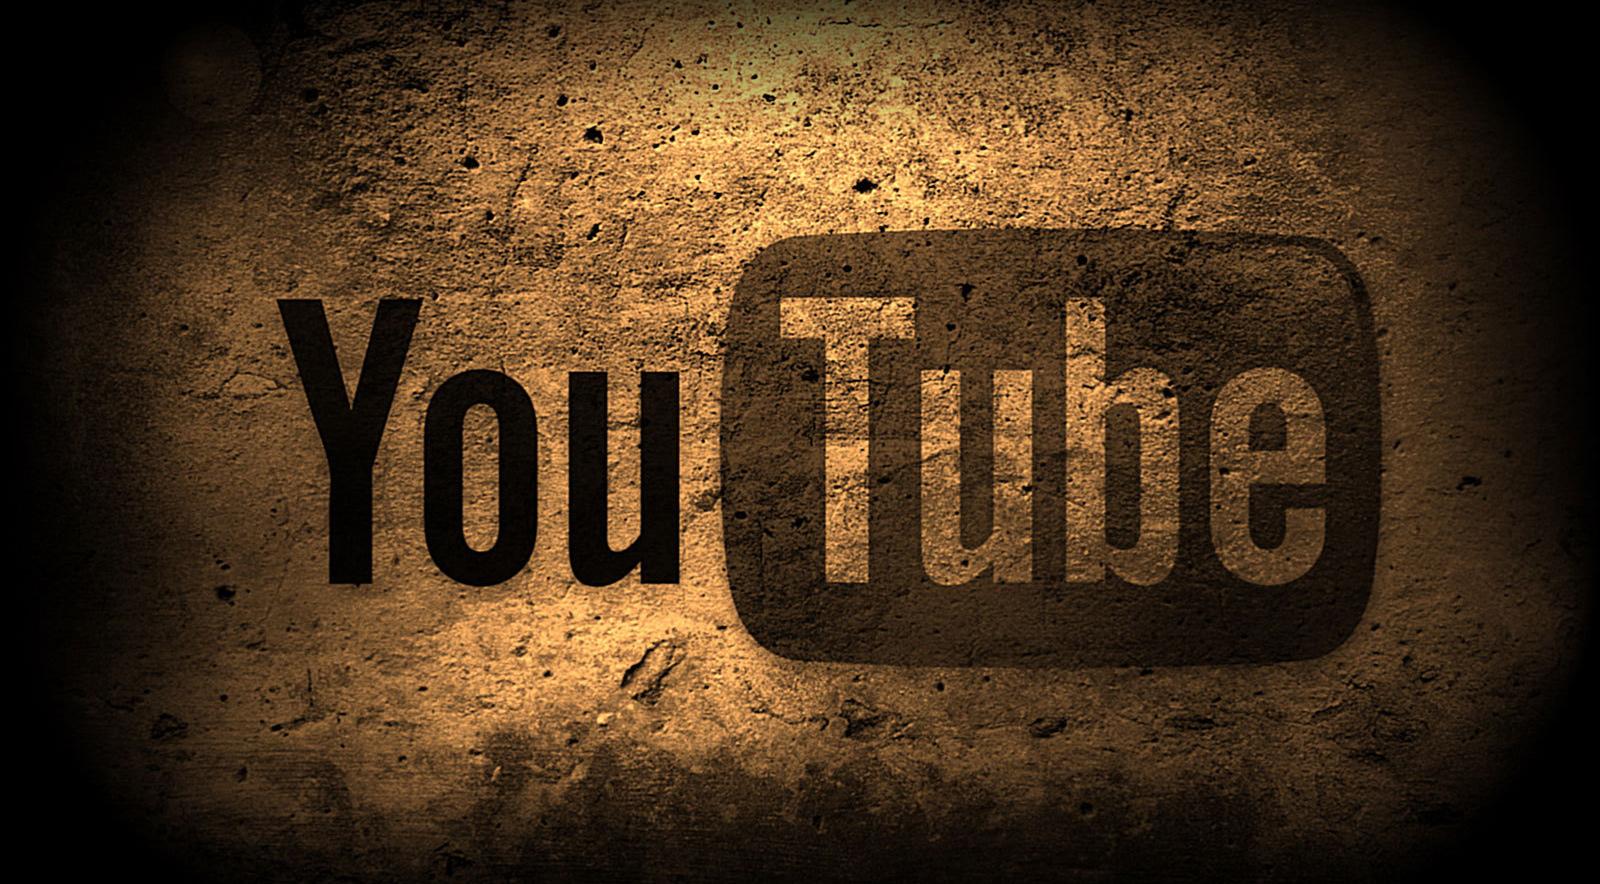 یوتیوب چیست؟ (youtube)